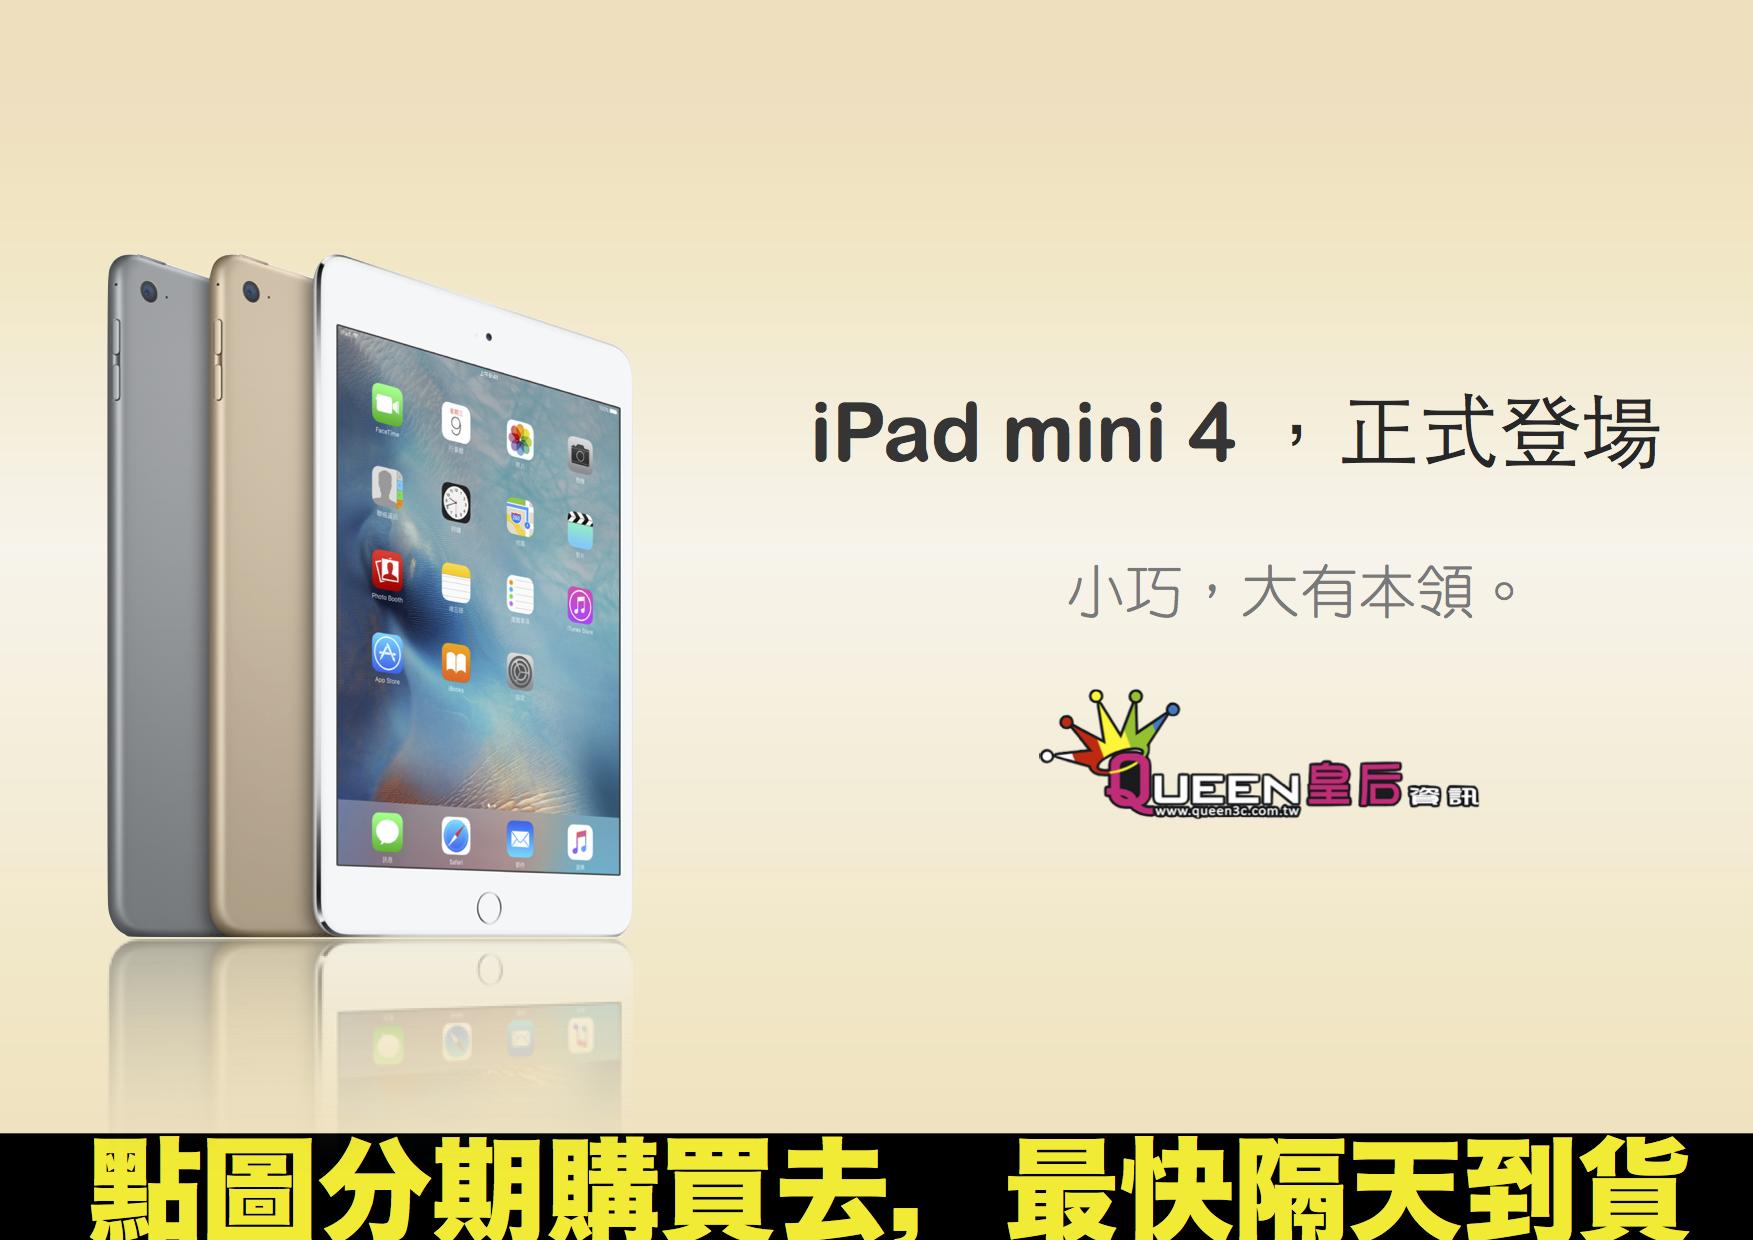 ipad mini4专用壁纸